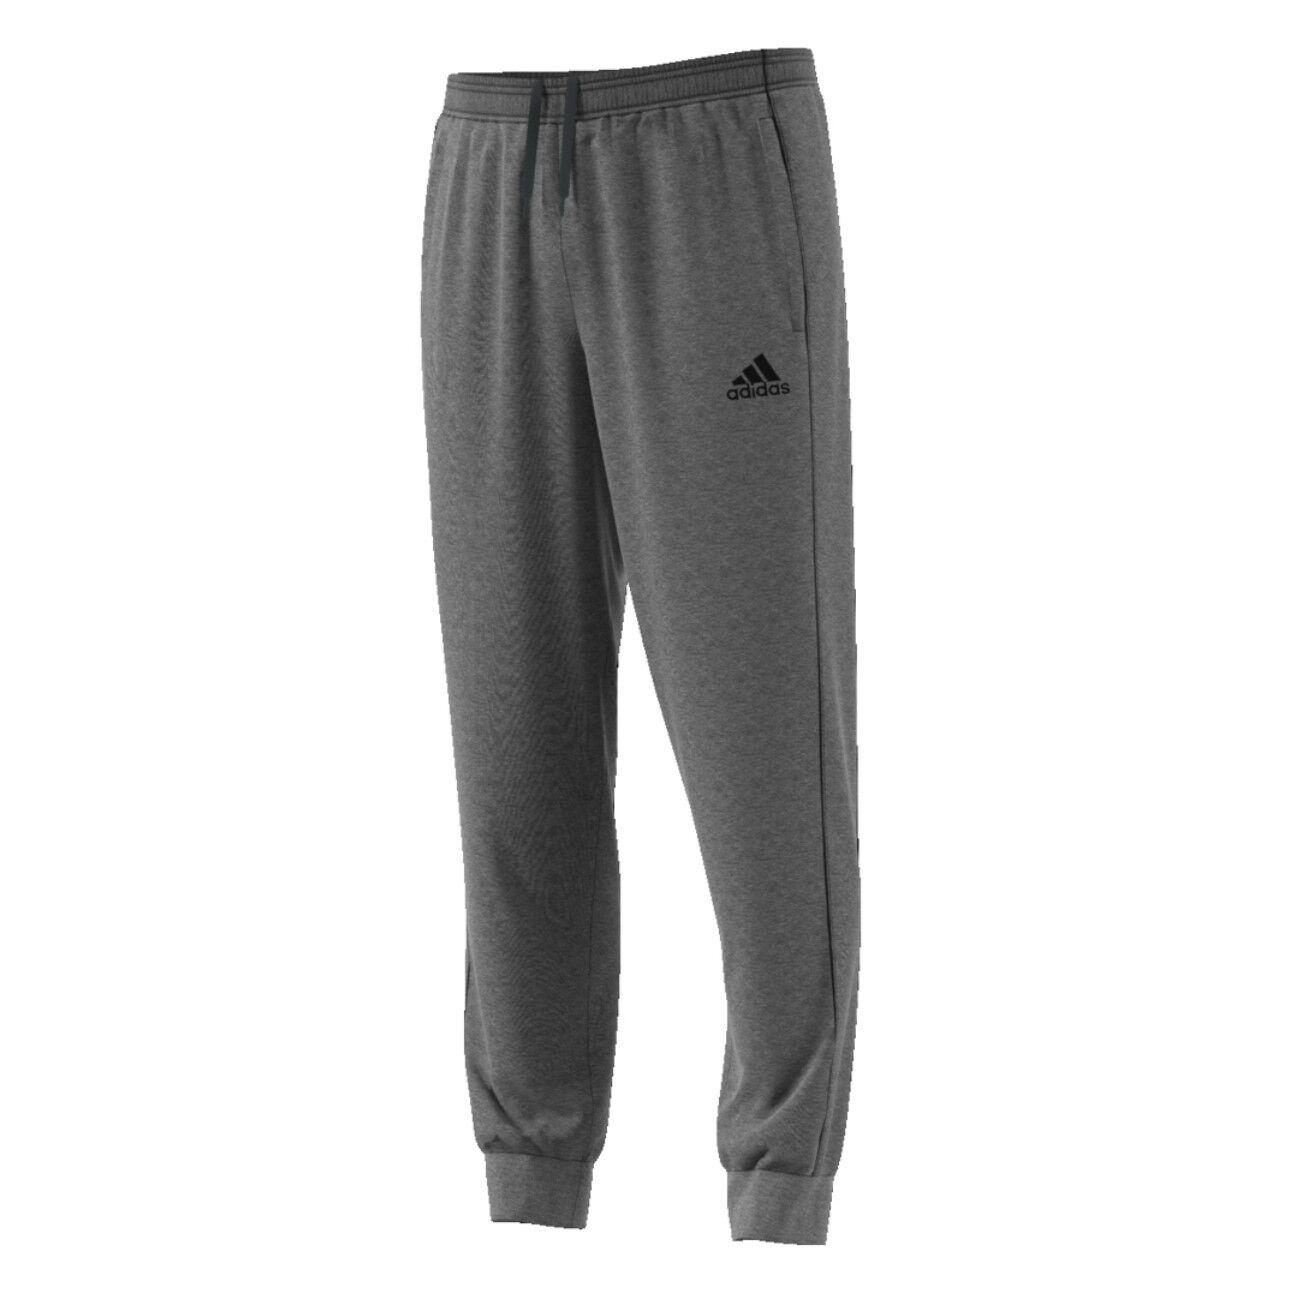 Adidas Jogging Hosen Hosen Hosen Herren Männer Sweat Sporthose Trainingshose Fleecefutter 8d9a45